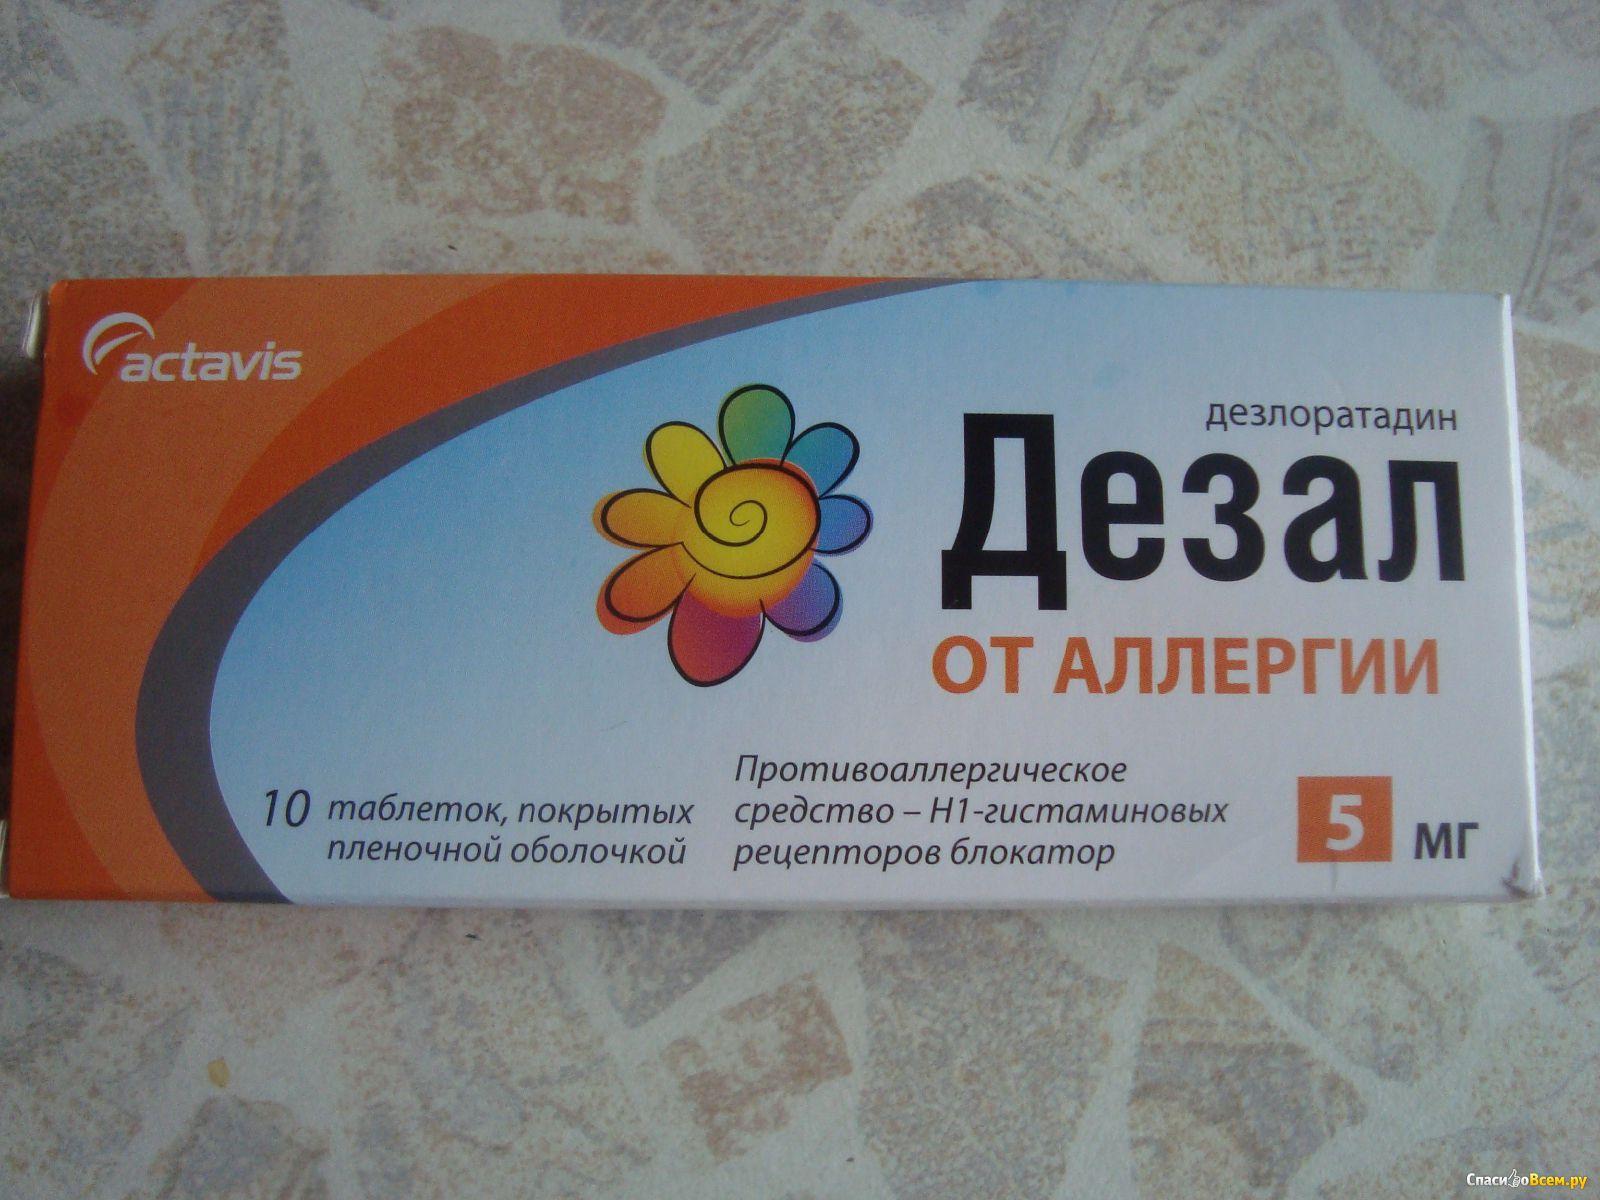 таблетки от аллергии фото